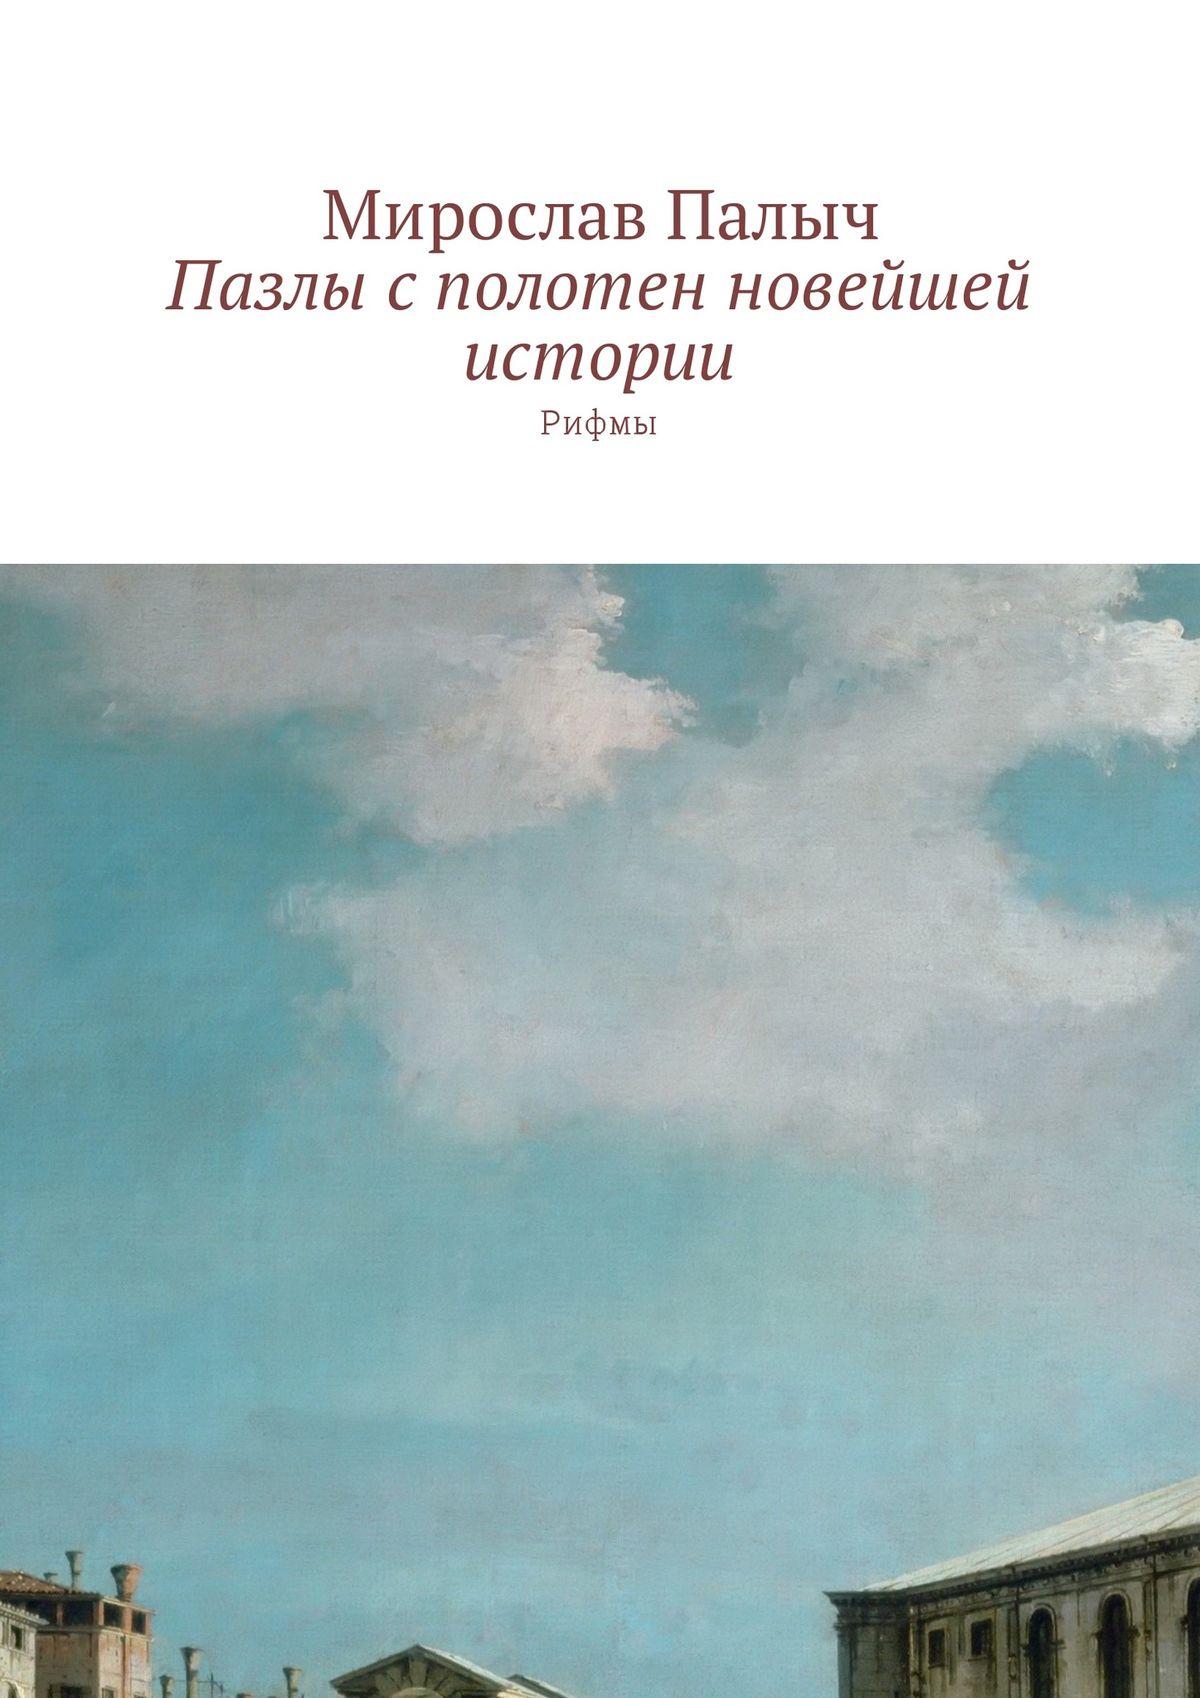 Мирослав Палыч Пазлы с полотен новейшей истории. Рифмы